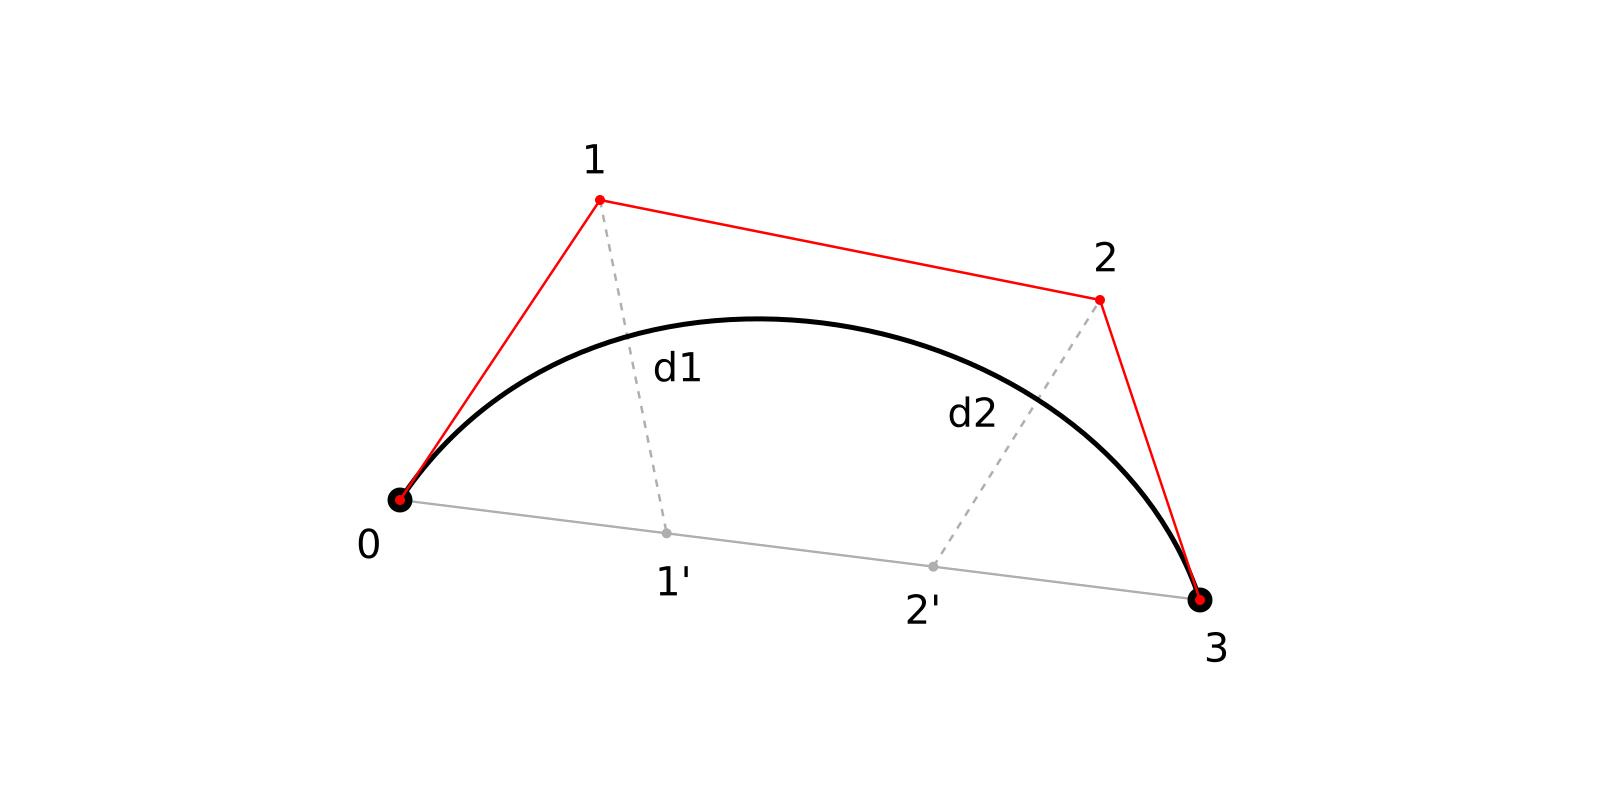 Адаптивное разбиение кривых Безье 2-го и 3-го порядка - 6